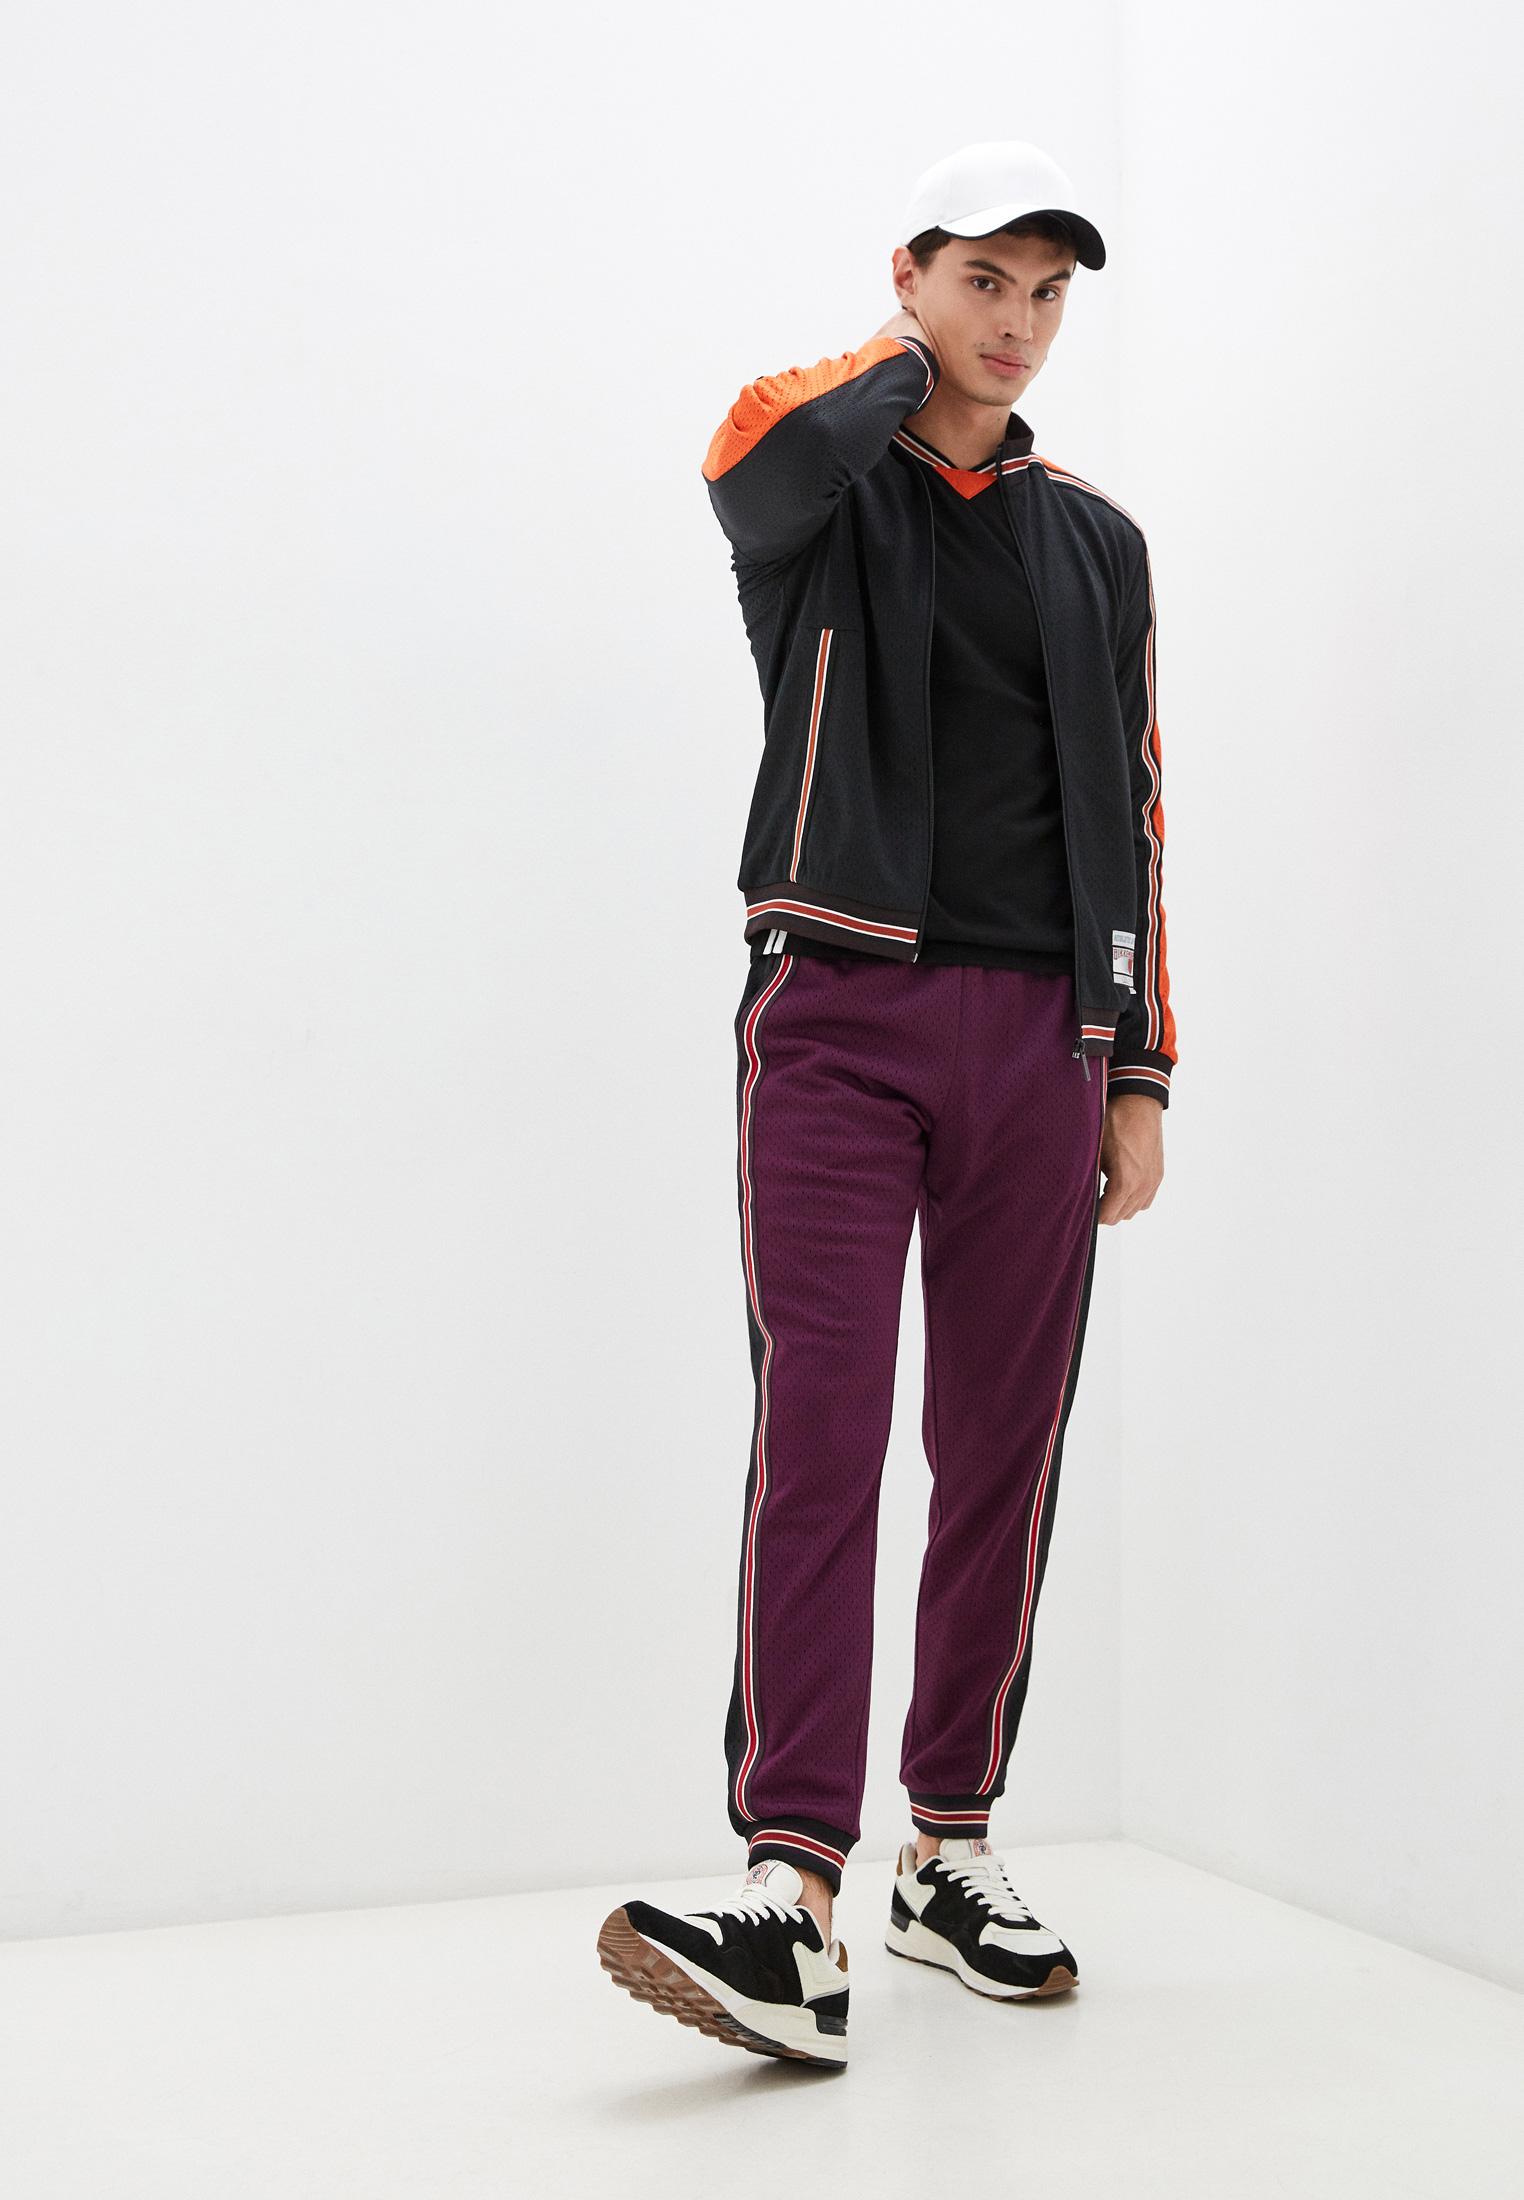 Мужские спортивные брюки Bikkembergs (Биккембергс) C 1 157 00 M 4224: изображение 3